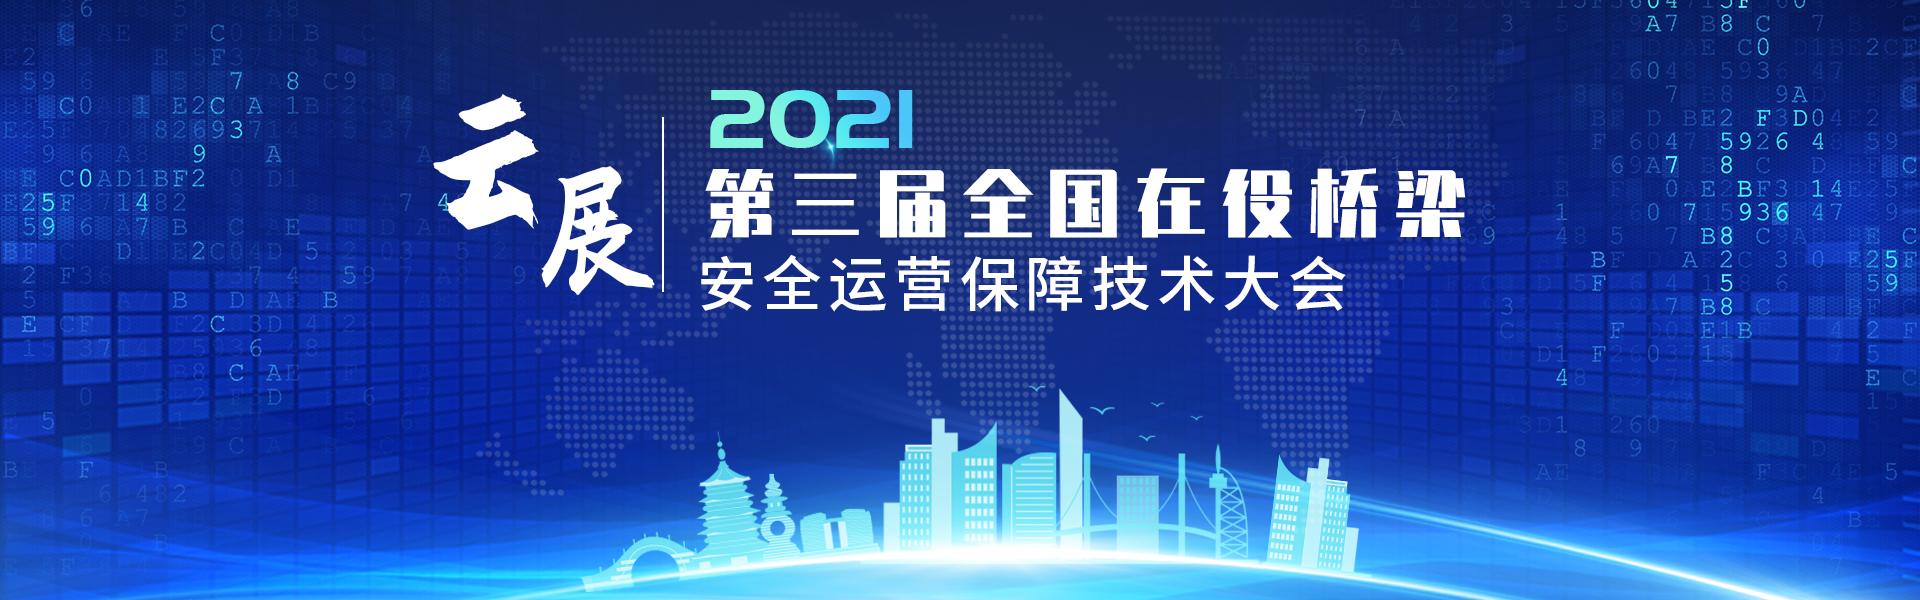 第三届全国在役桥梁安全运营保障技术大会